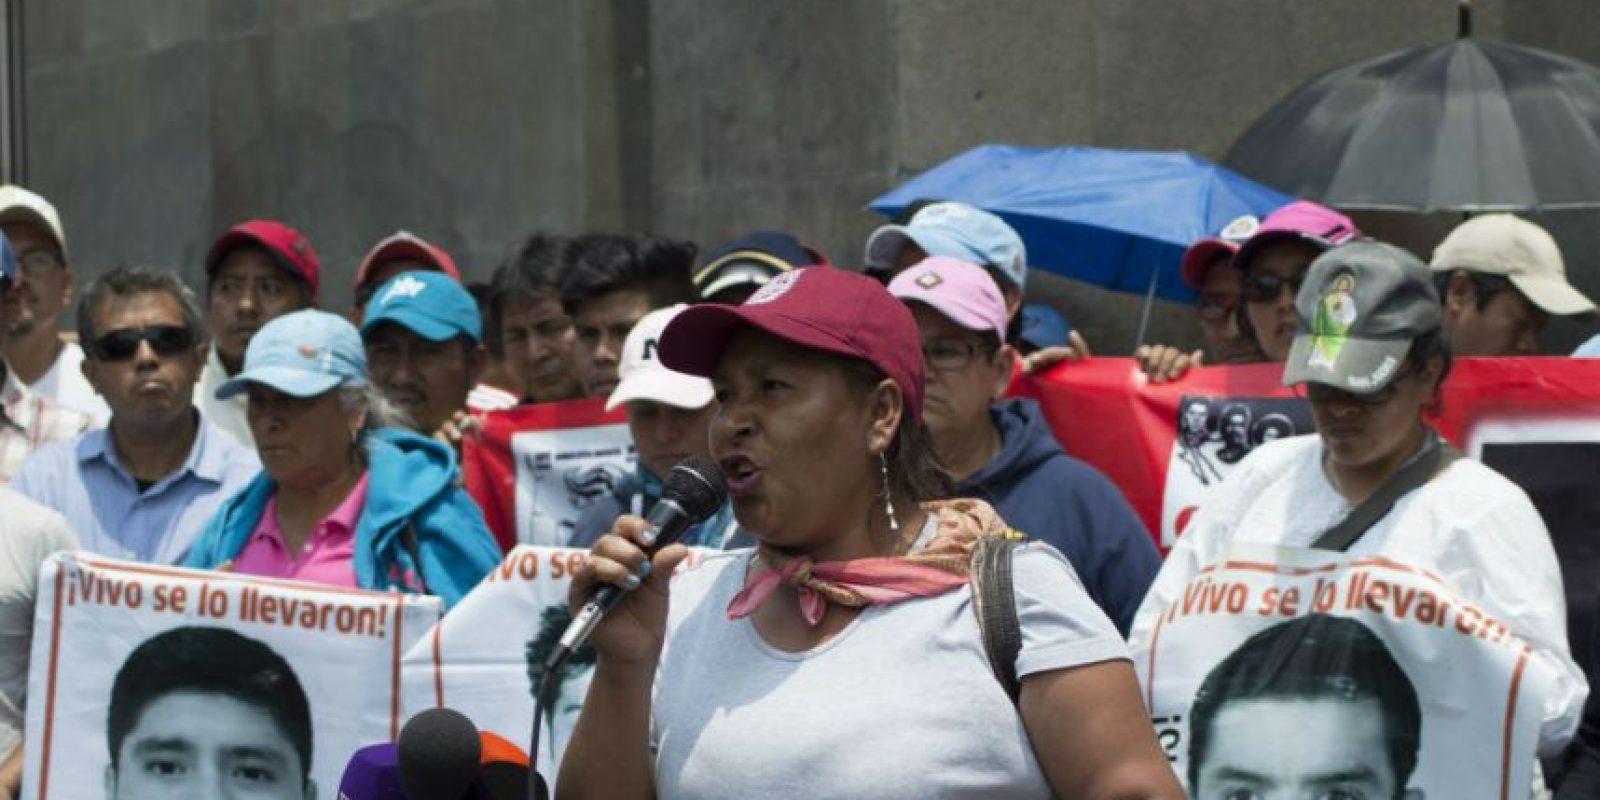 El comité se reunirá con la canciller y con el secretario de gobernación en la semana. Foto:Galo Cañas / Cuartoscuro